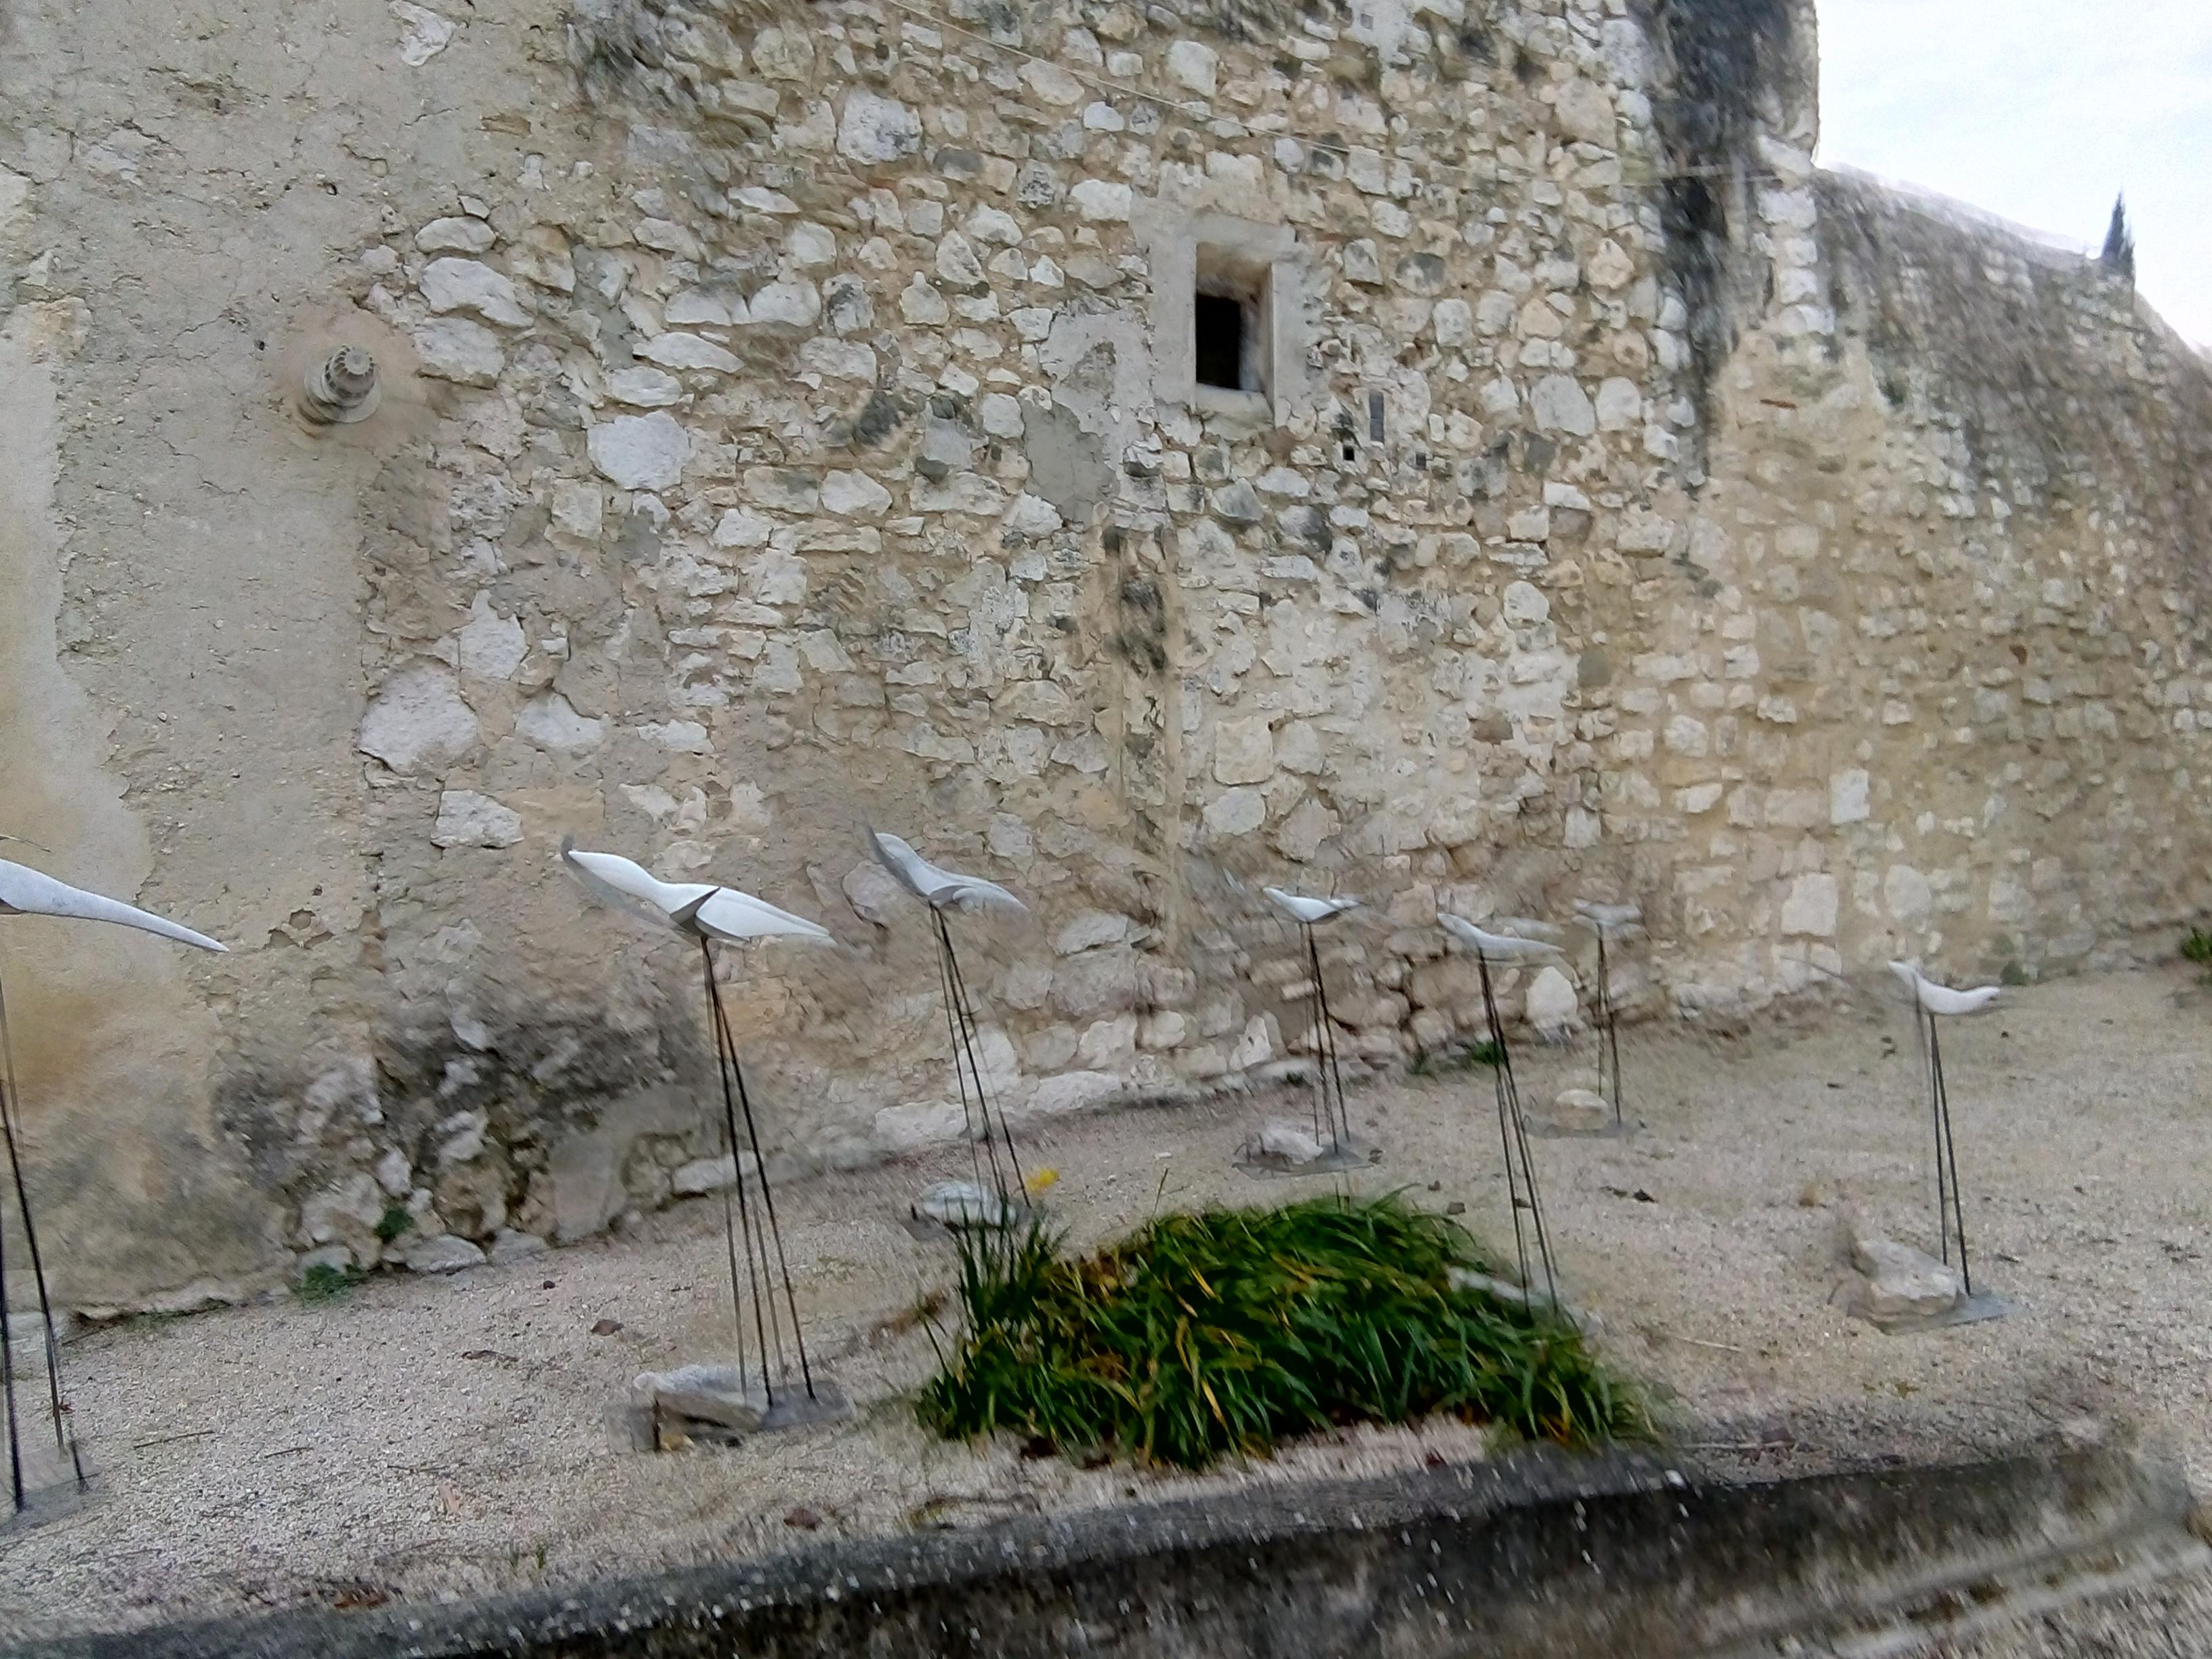 Oiseaux marbre A